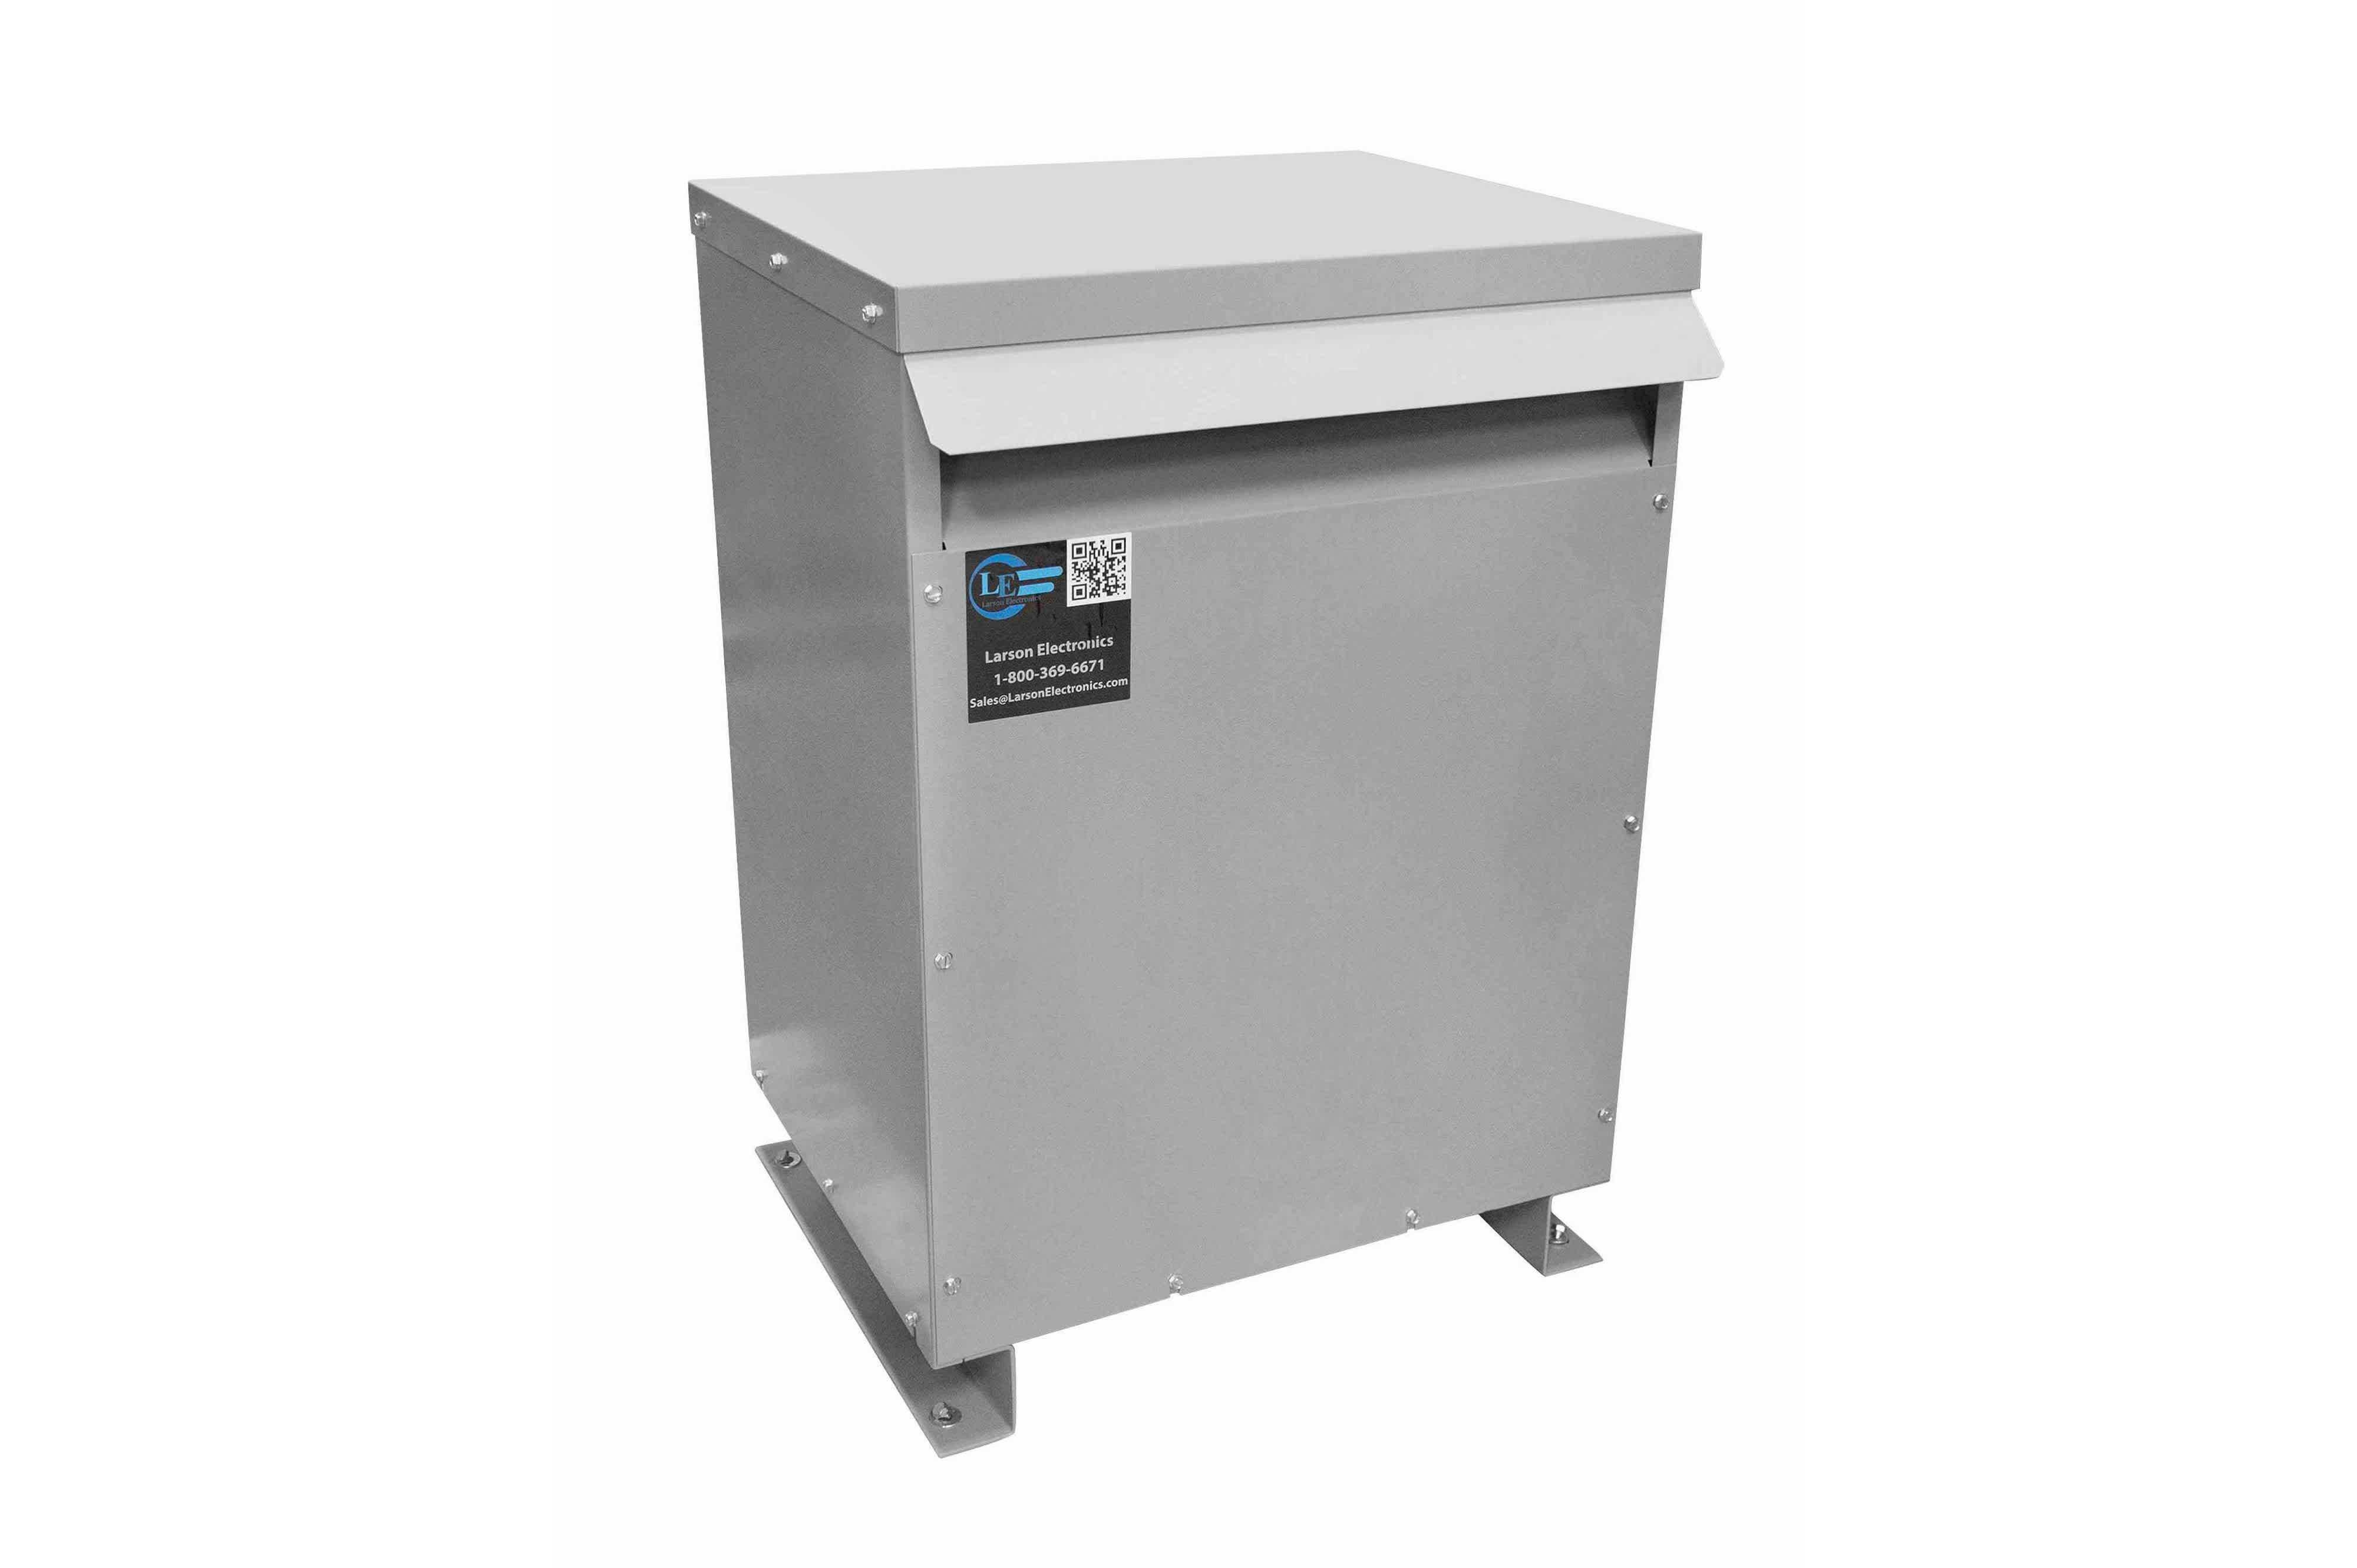 15 kVA 3PH Isolation Transformer, 460V Delta Primary, 208V Delta Secondary, N3R, Ventilated, 60 Hz